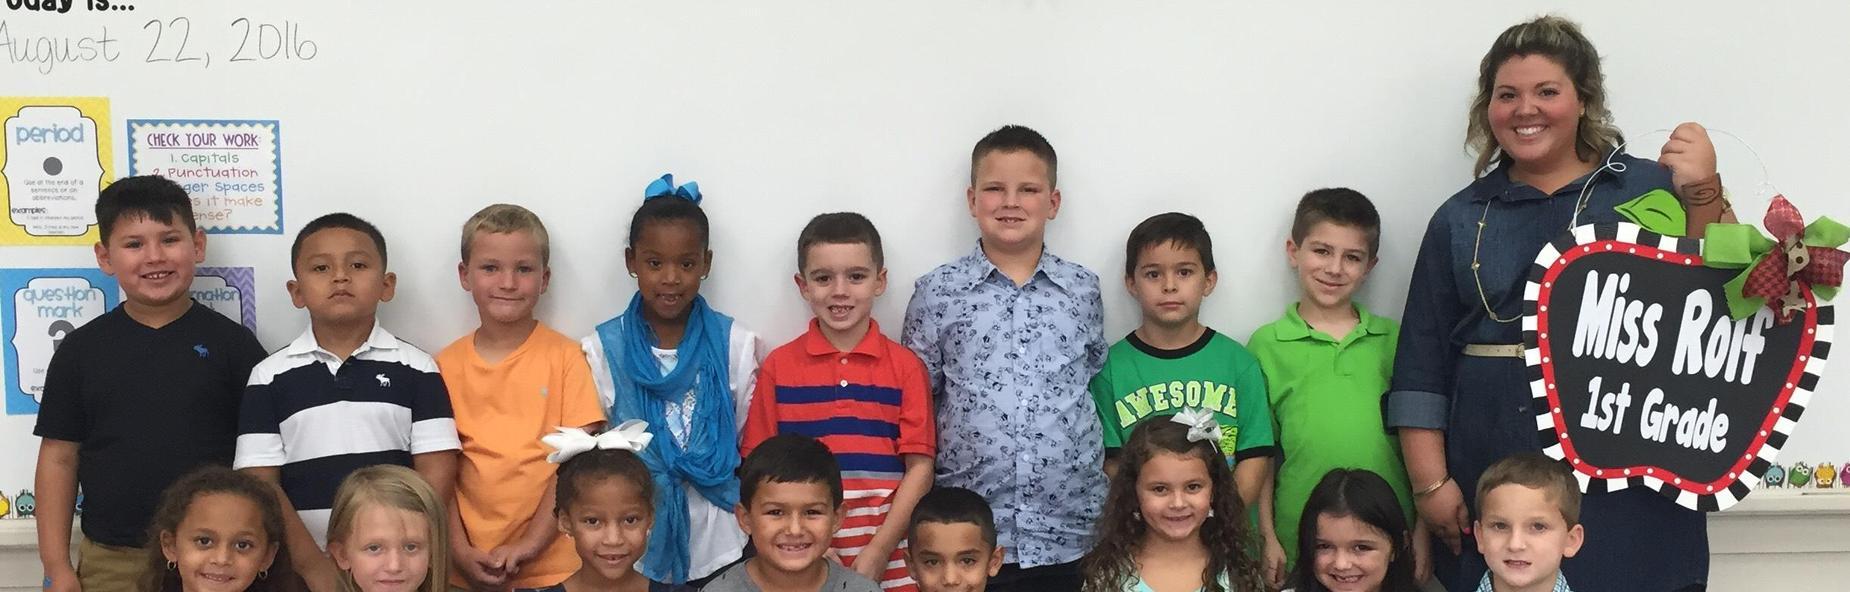 miss rolf first grade class